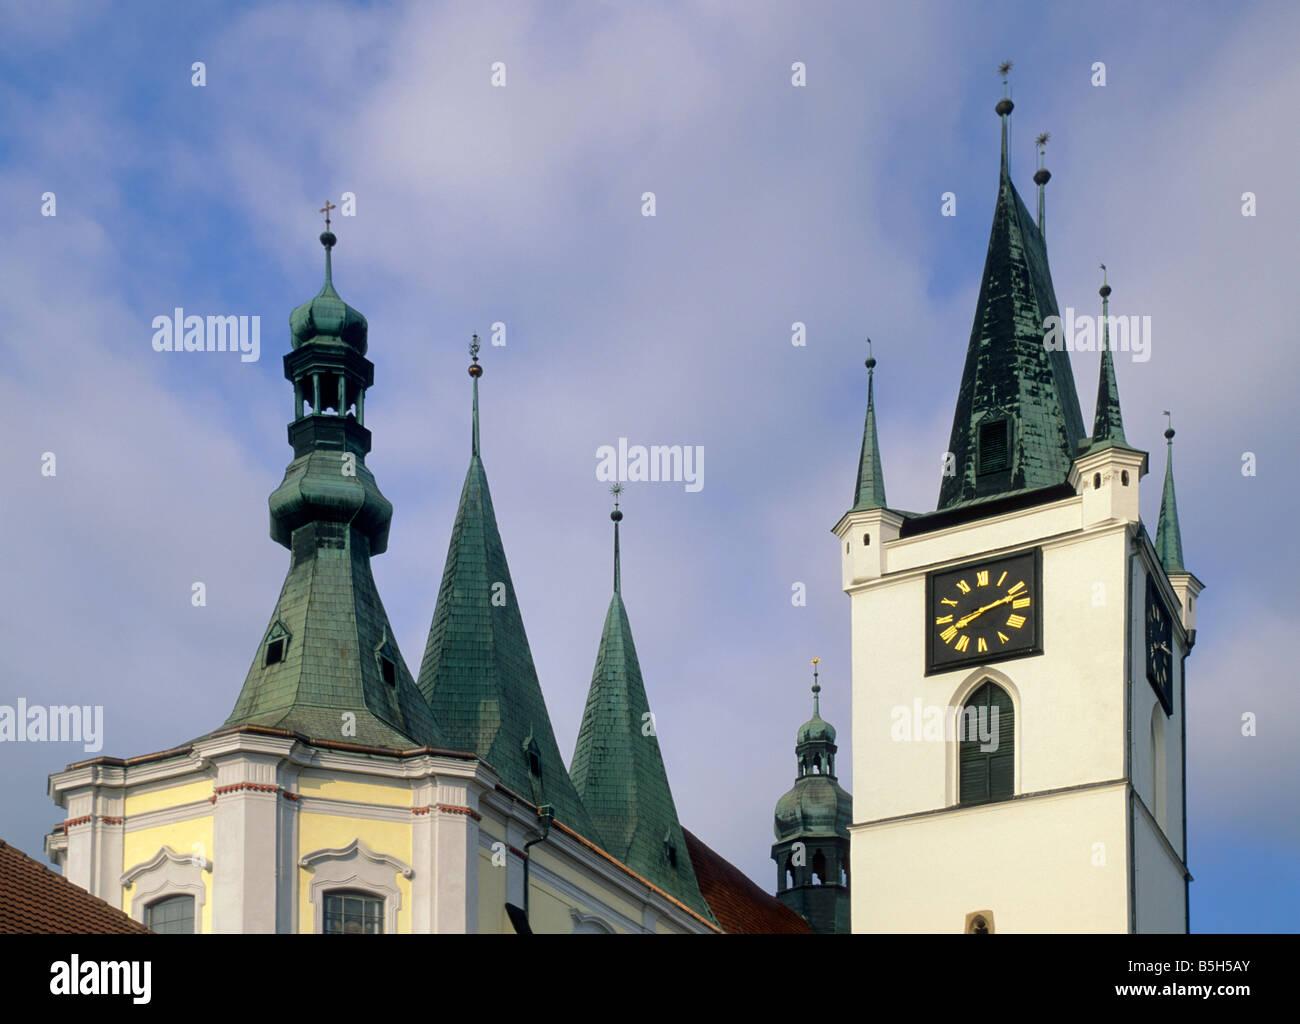 All Saints Church at Mirove namesti in Litomerice North Bohemia Czech Republic - Stock Image